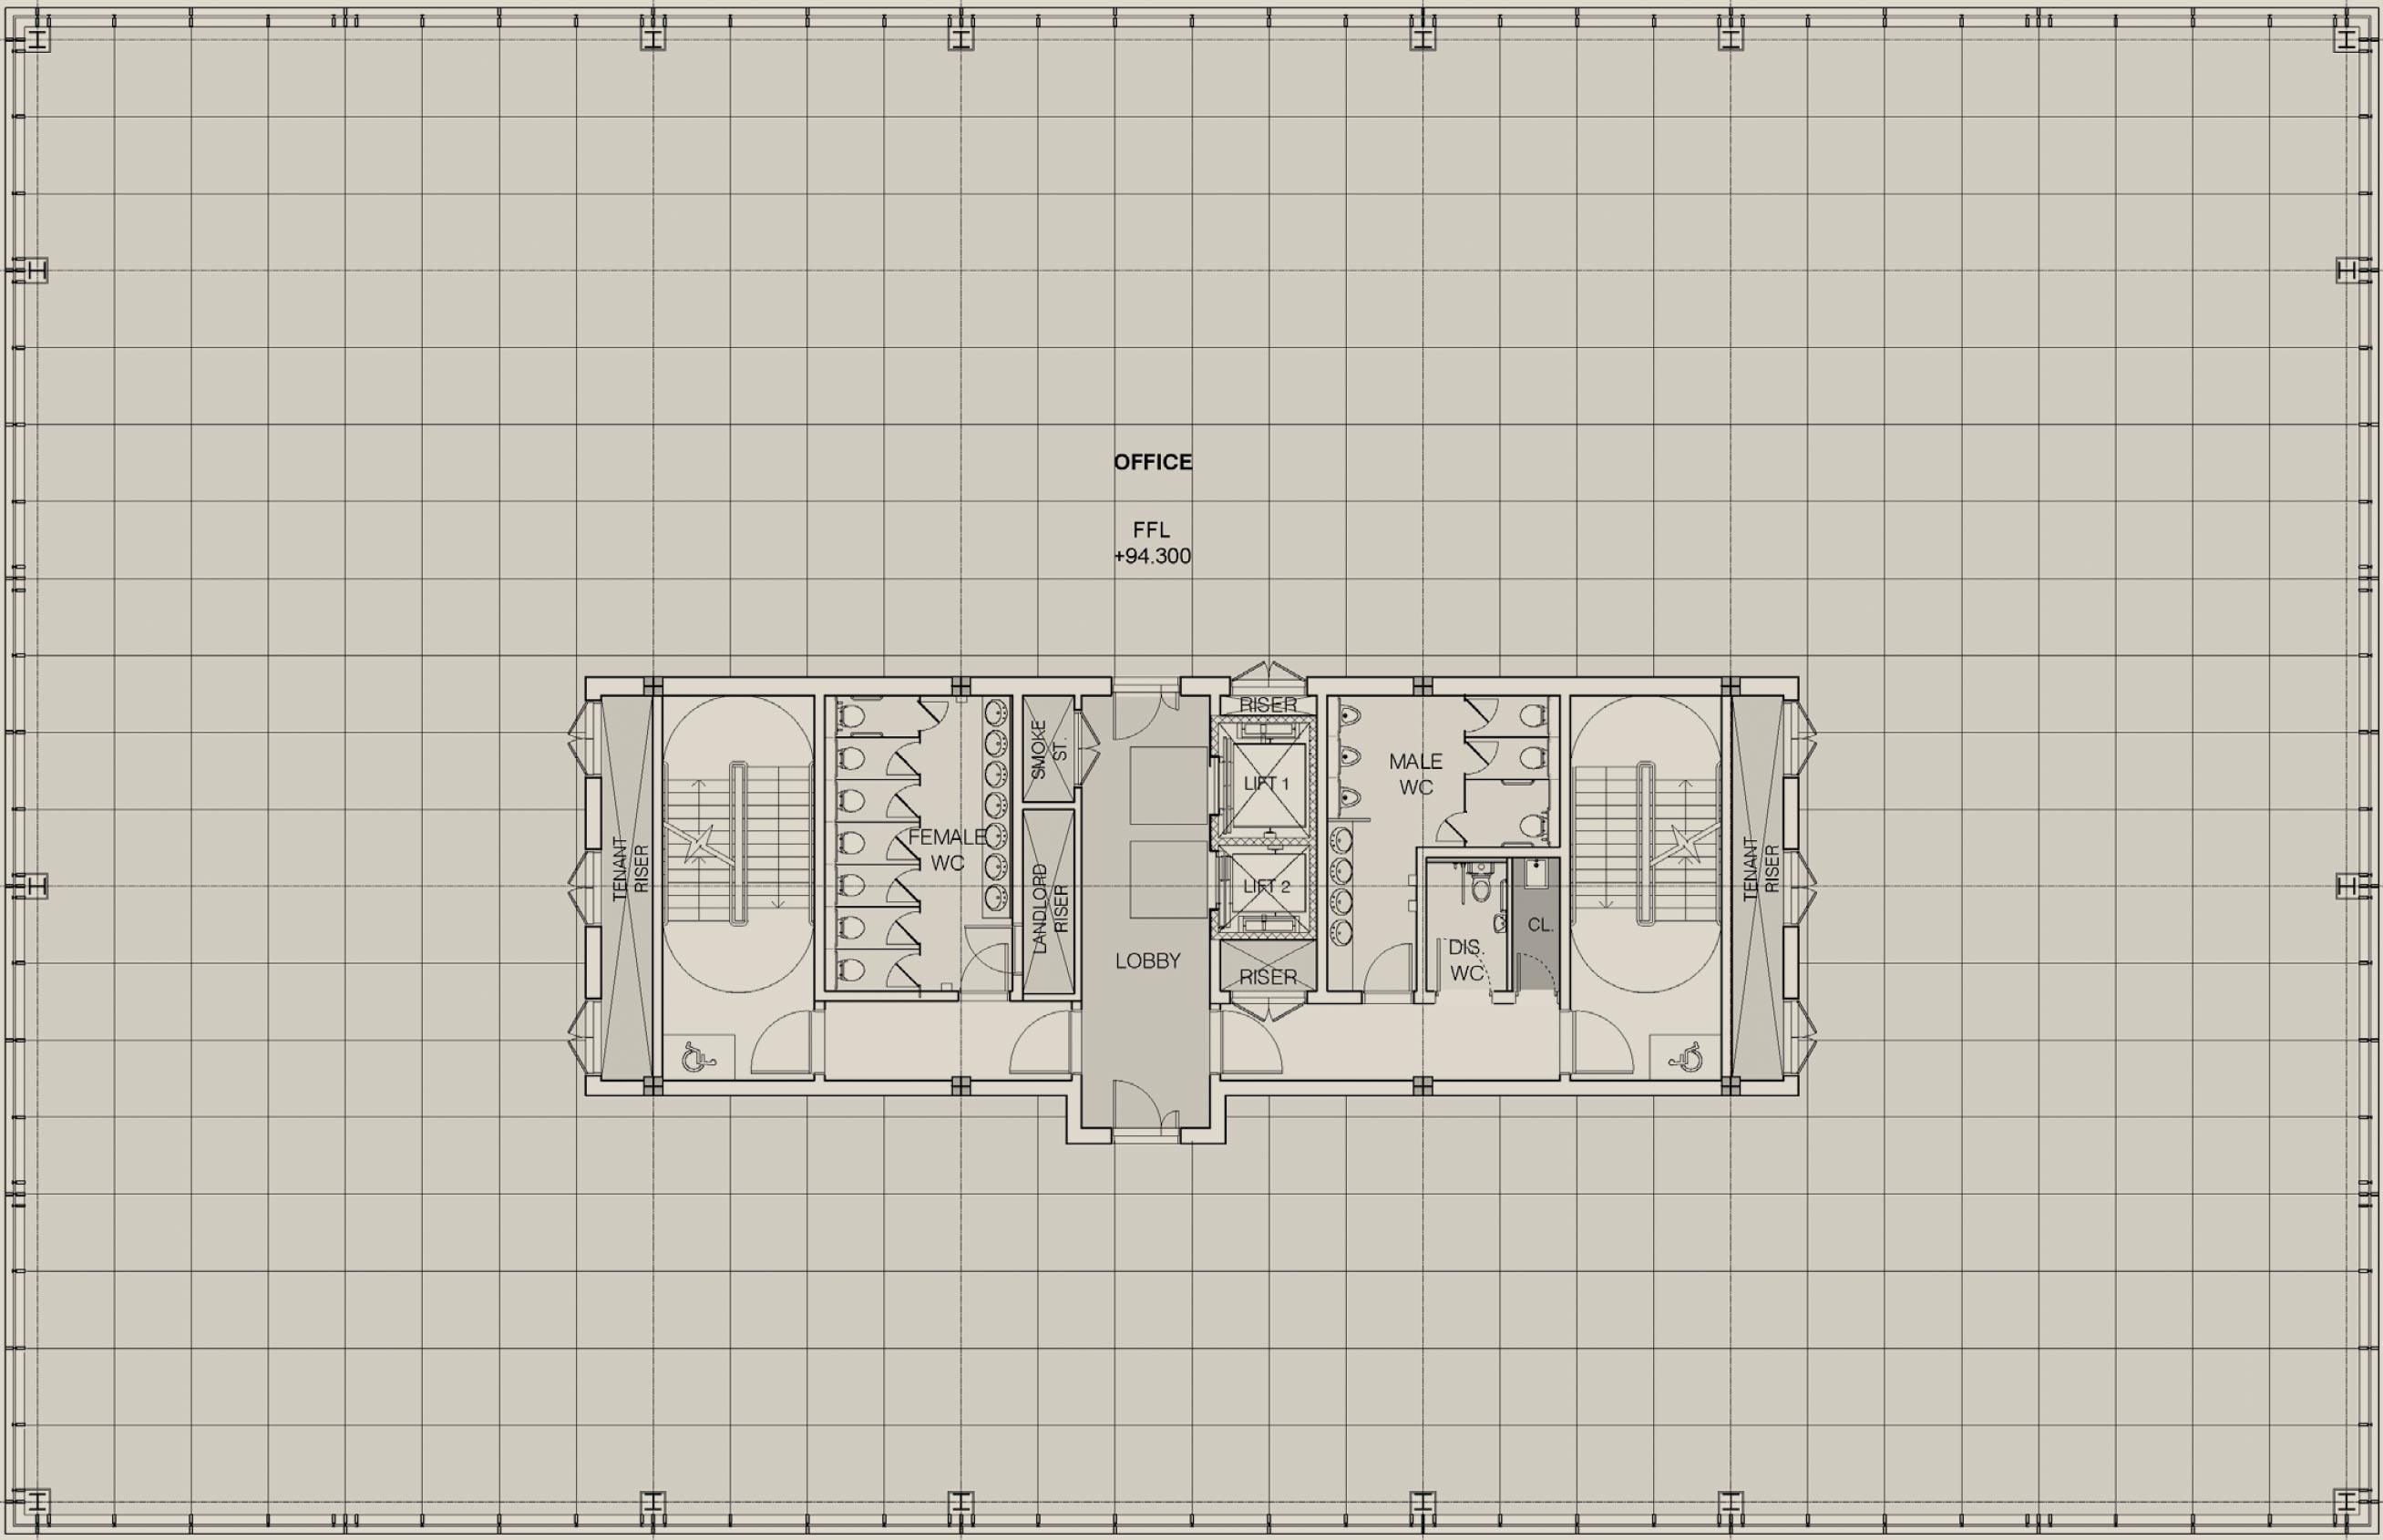 Building B7